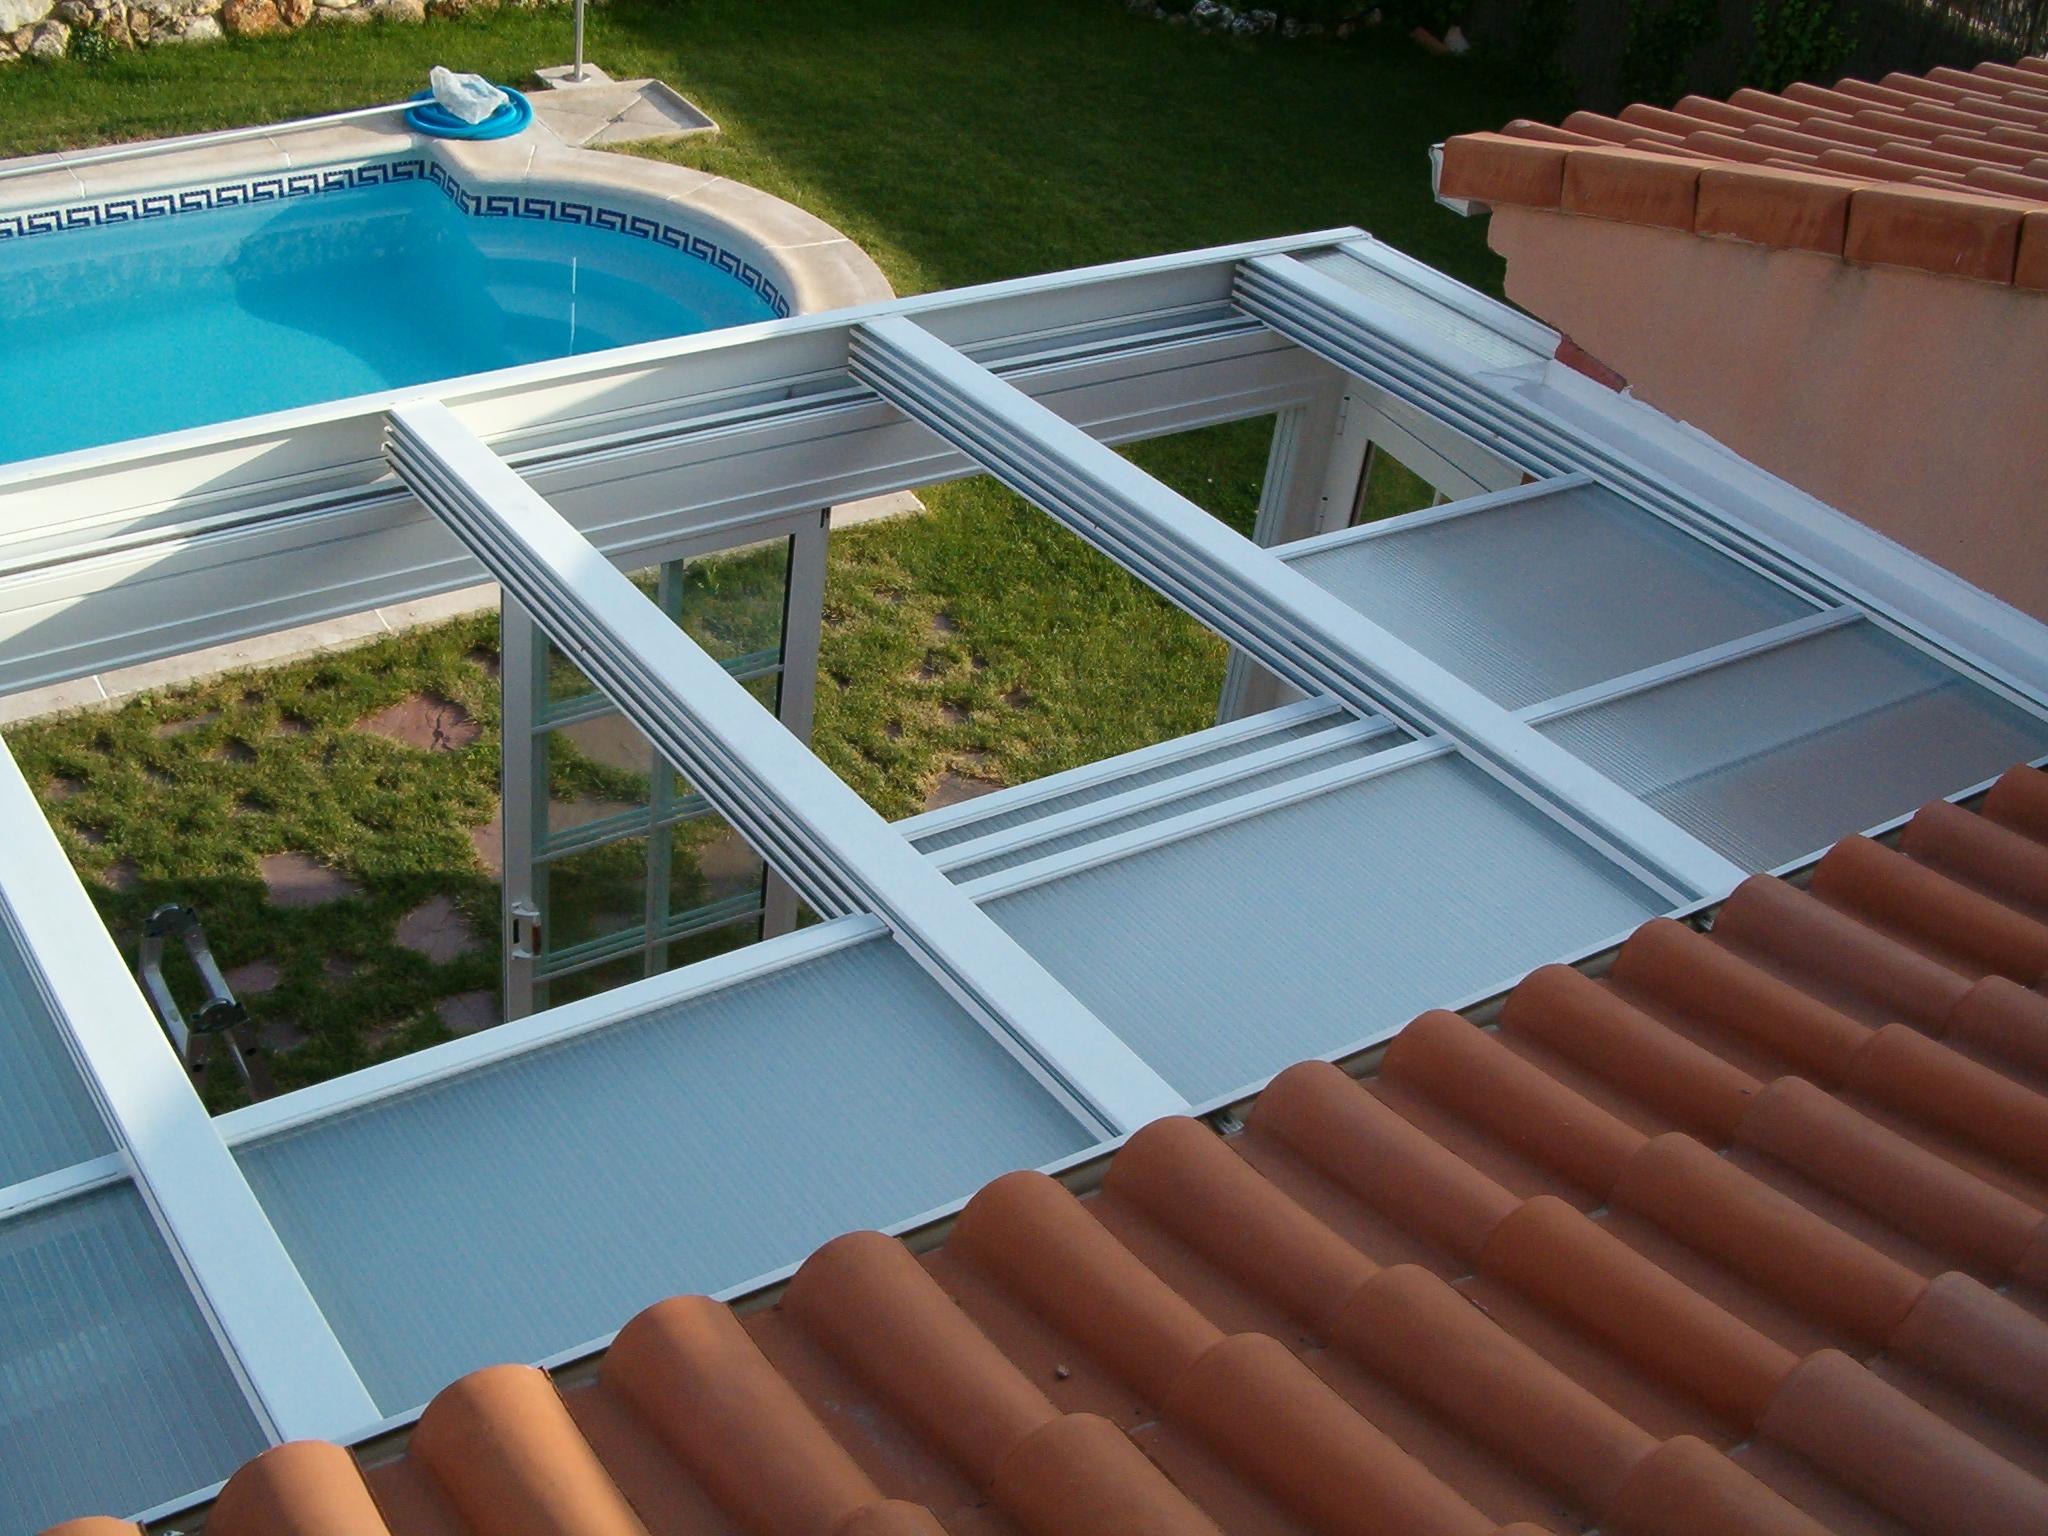 Techo m vil con policarbonato aluminios y persianas - Como instalar un techo de policarbonato ...